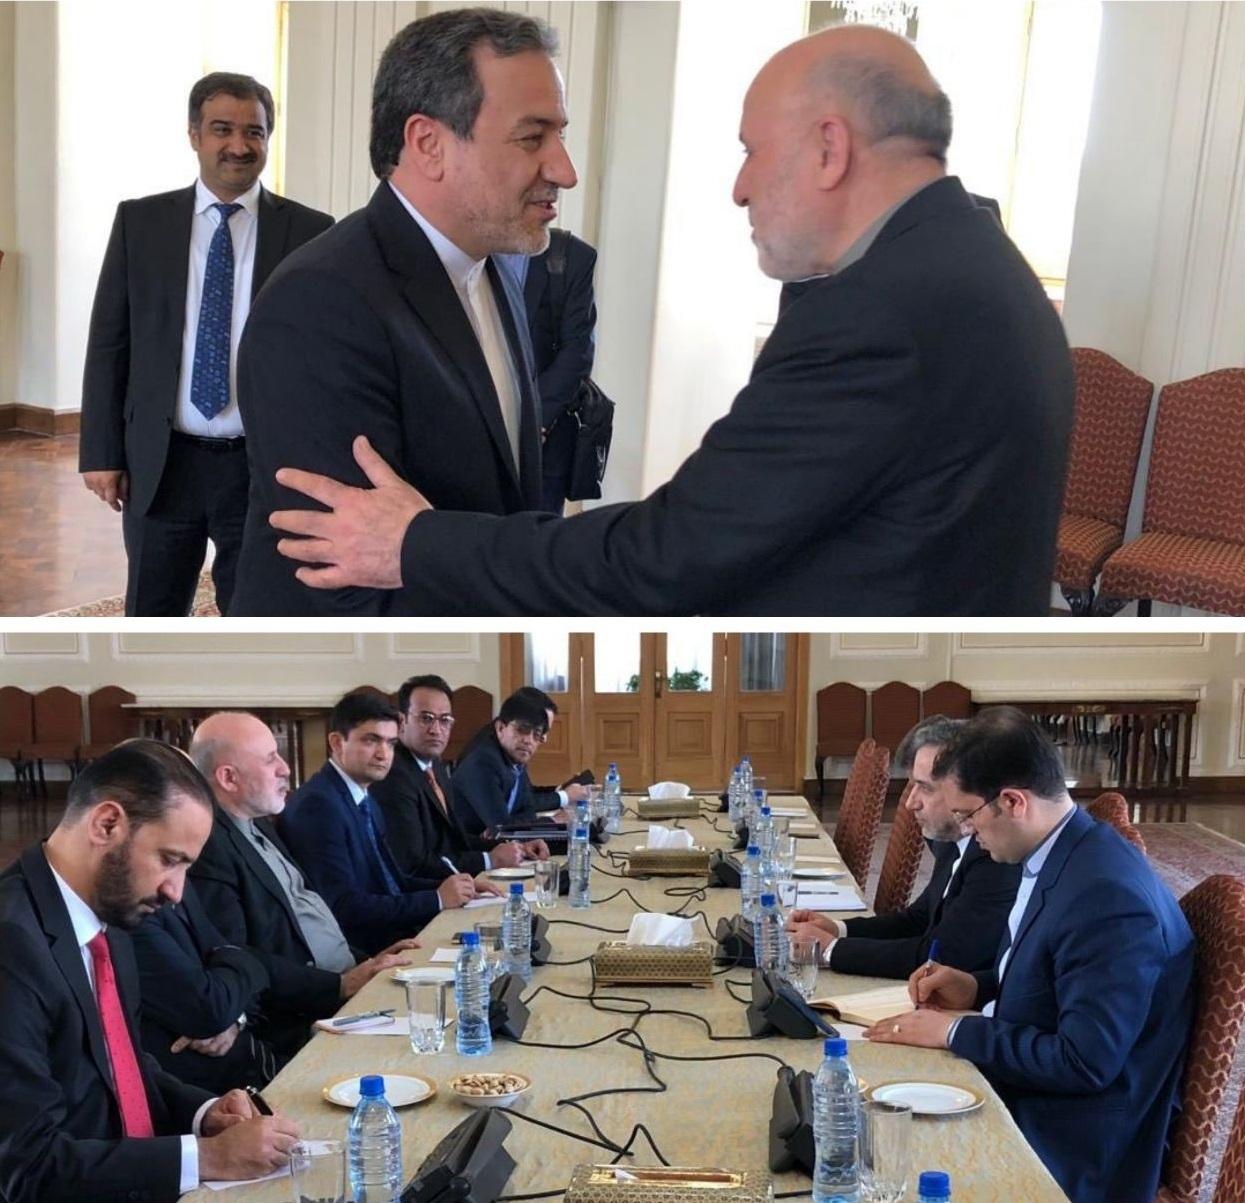 دیدار نماینده ویژه رئیس جمهور افغانستان با معاون سیاسی وزیر امور خارجه ایران